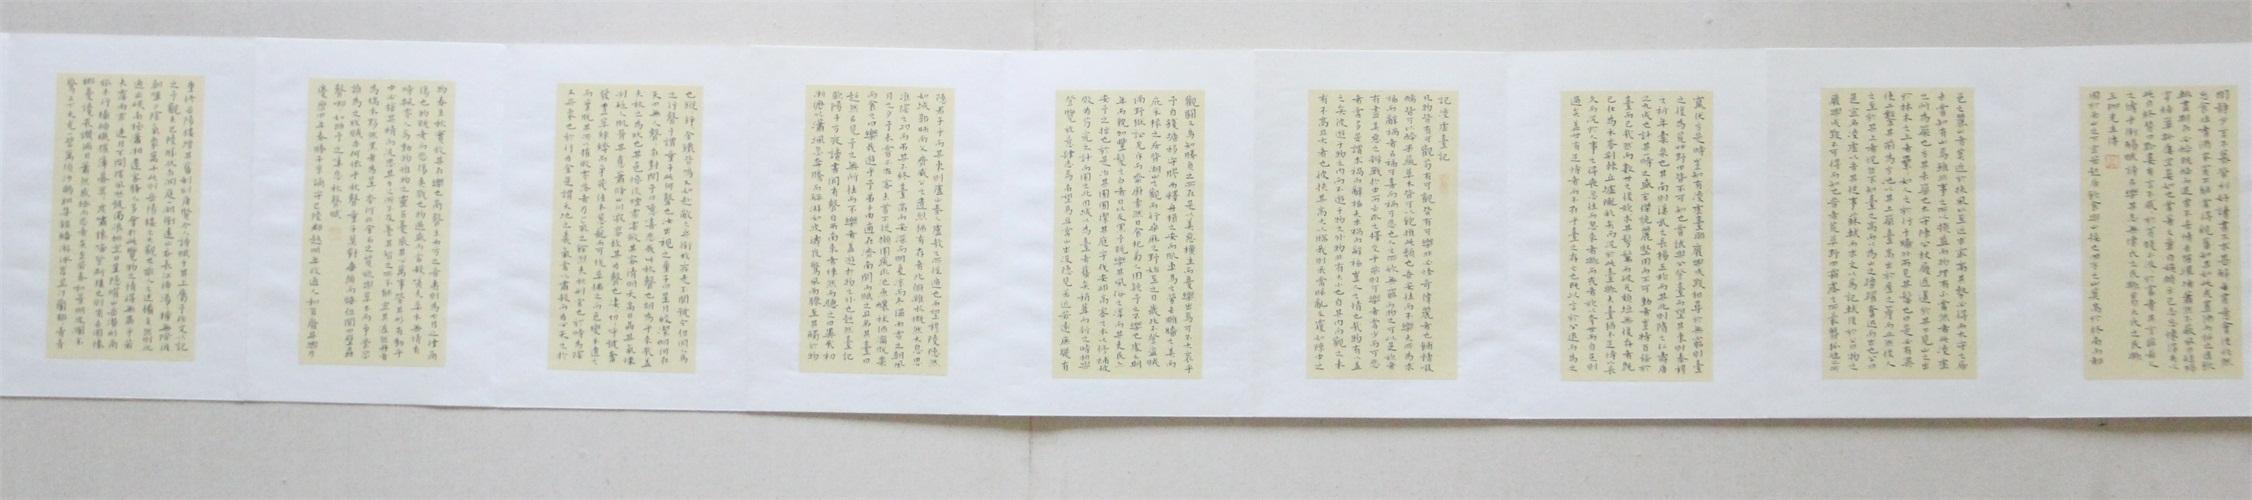 """第九届""""观音山杯""""全国书法大展获奖作品先睹为快(一)"""